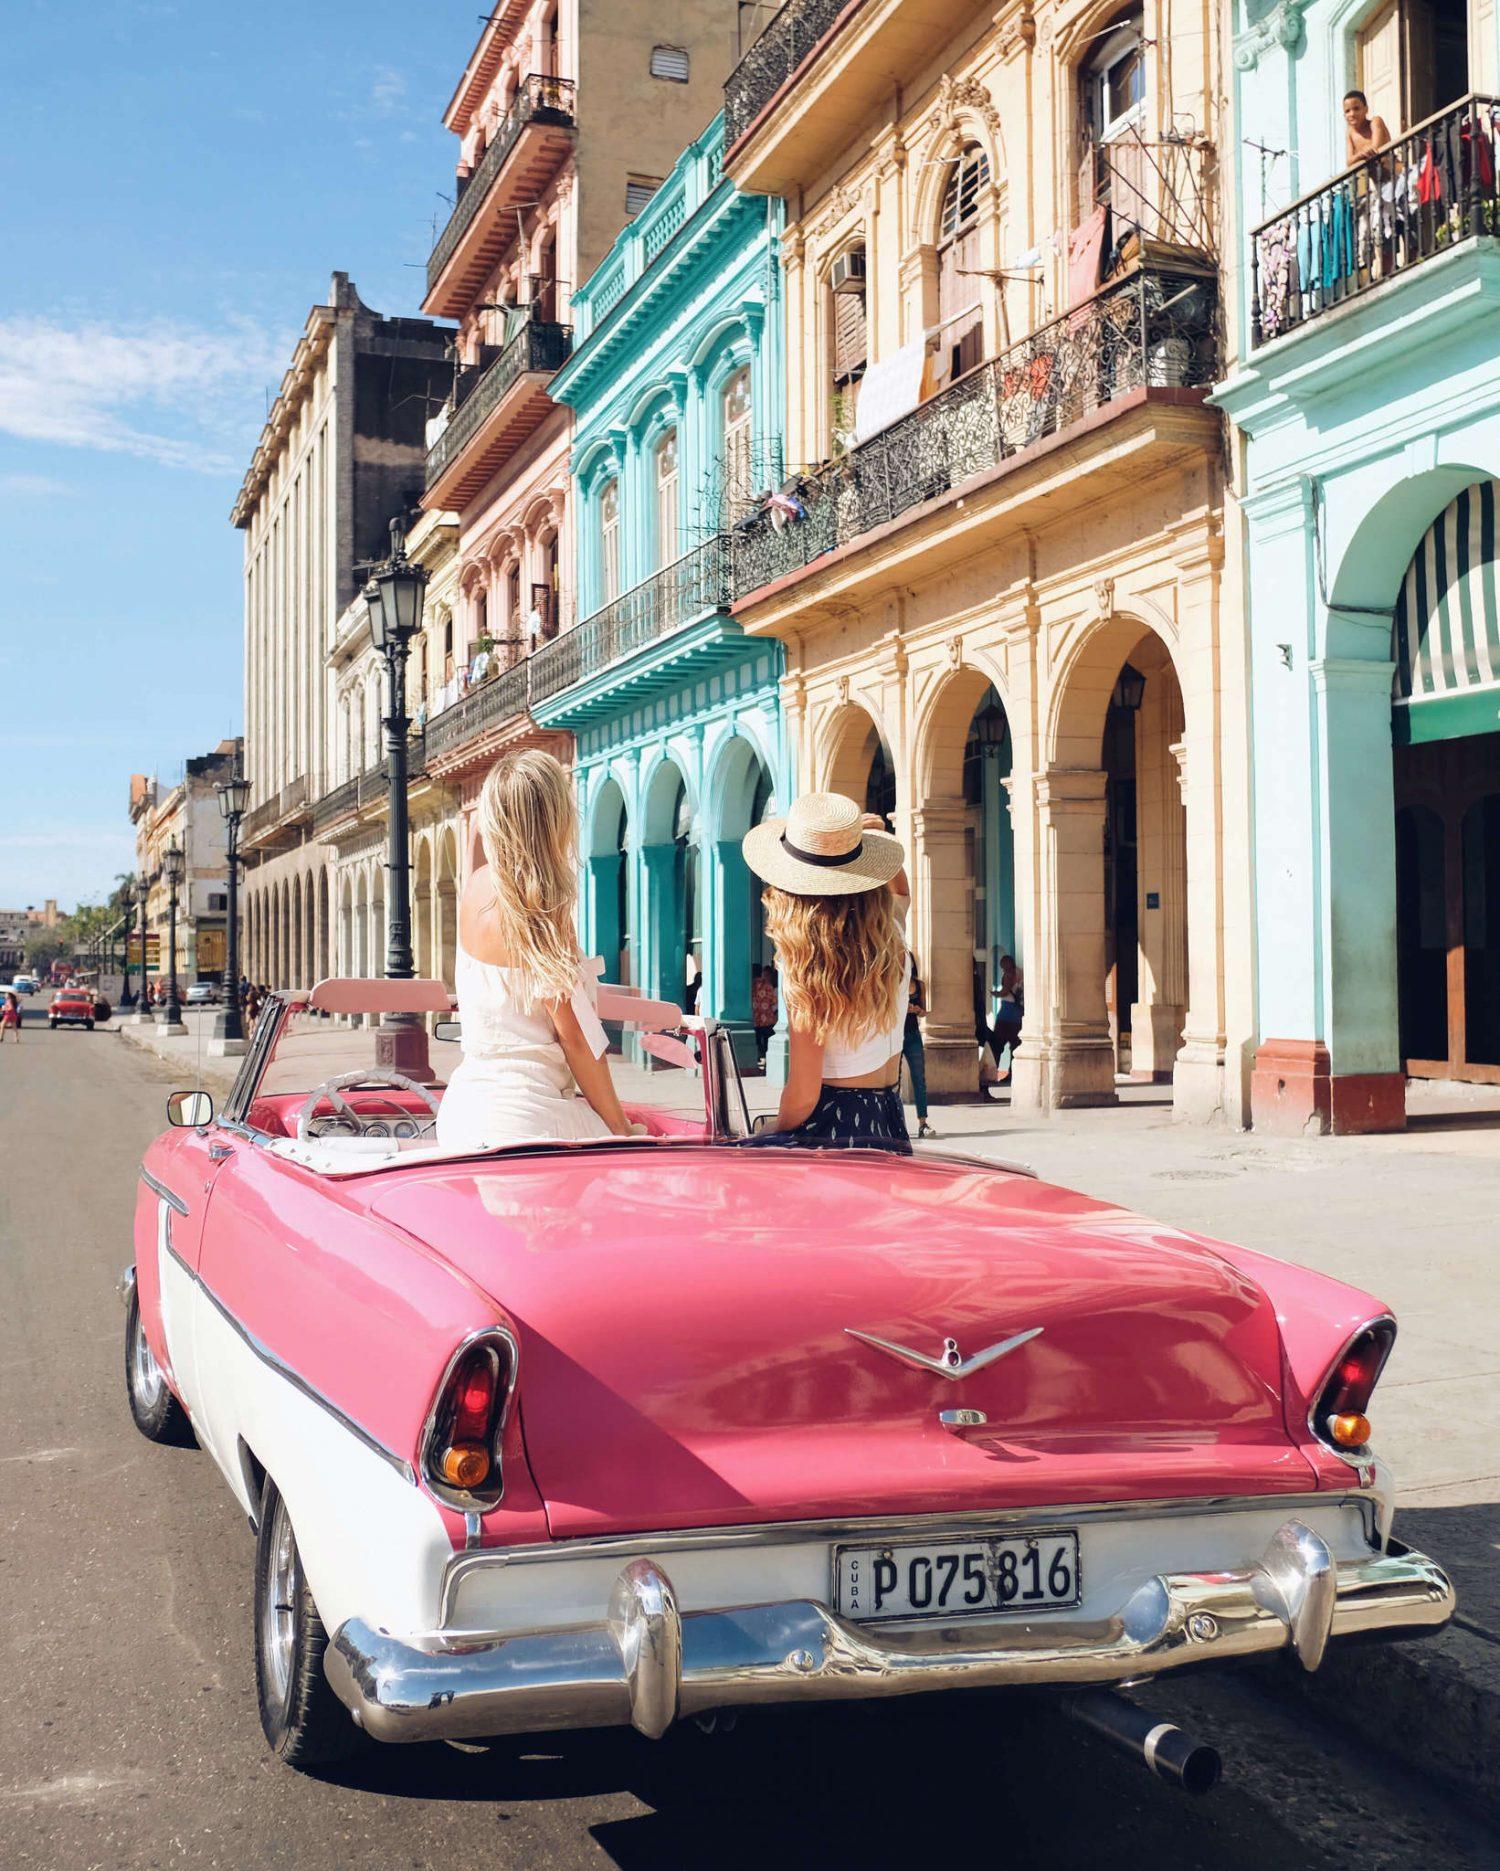 Friends-in-Classic-Car-in-Havana-Cuba-e1555930167701 ▷ Los mejores destinos para viajar en abril